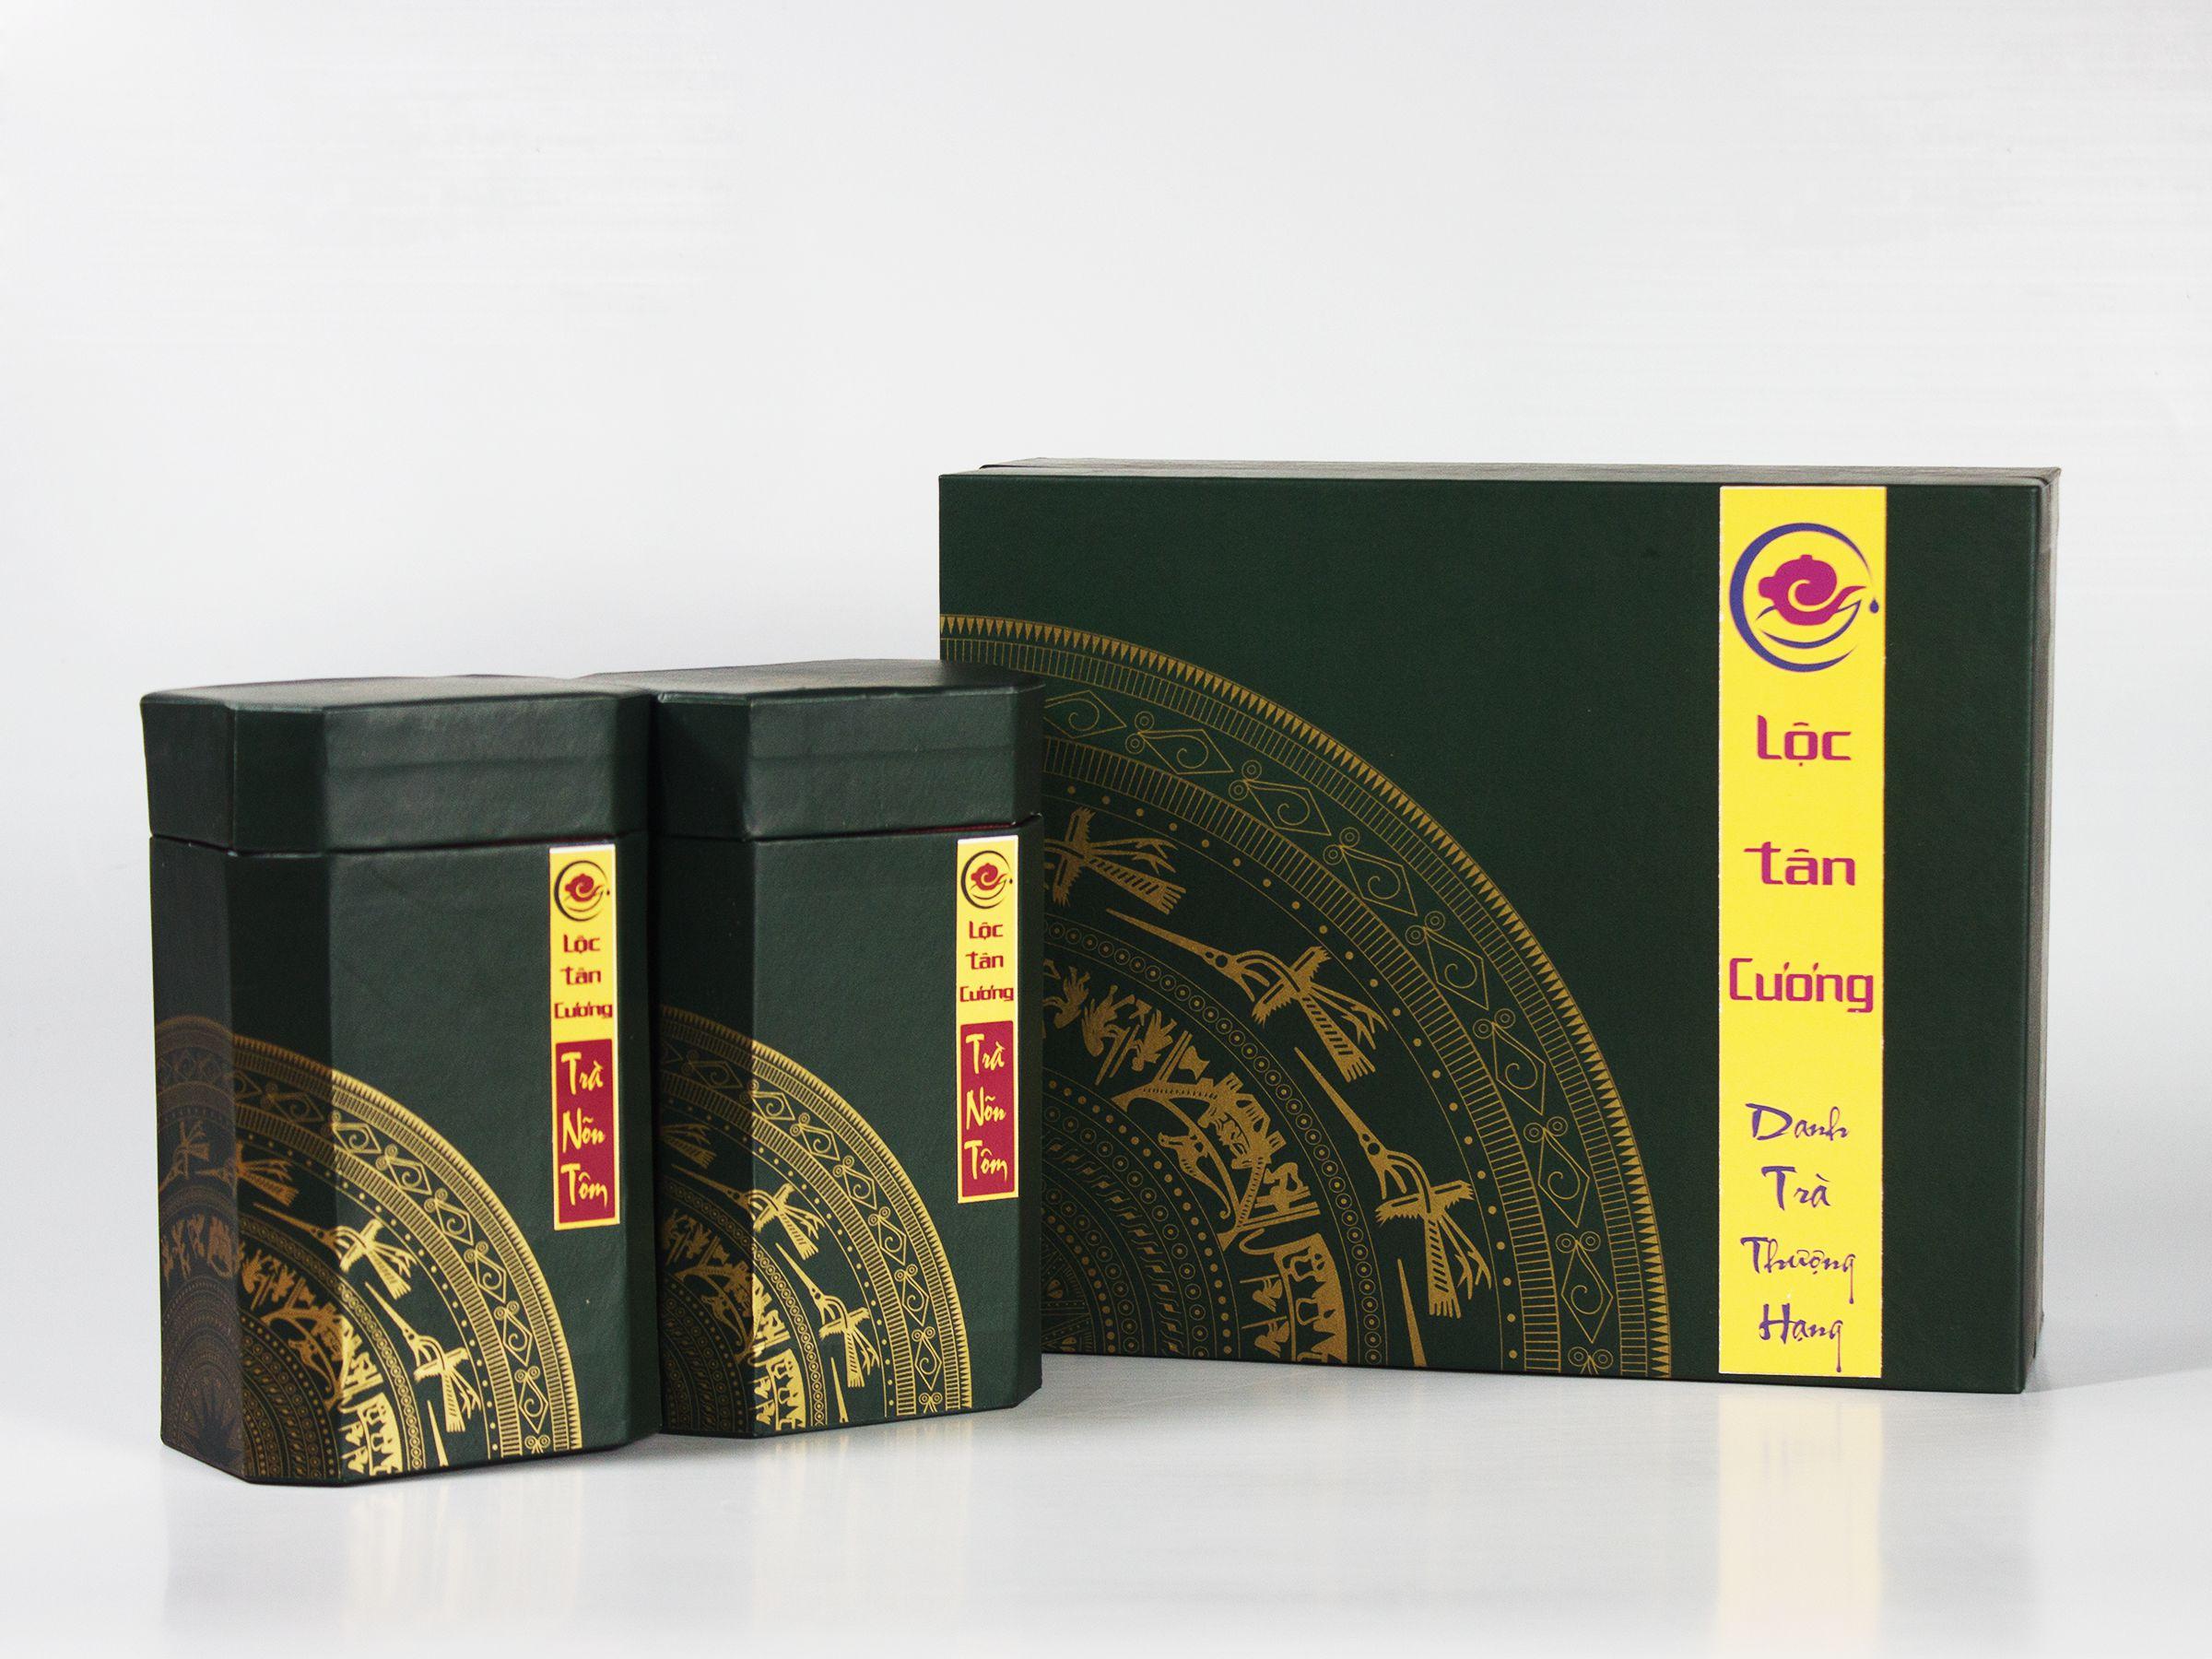 Hộp quà tặng trà Nõn Tôm Thượng Hạng Thái Nguyên mang văn hóa truyền thống, tinh tế